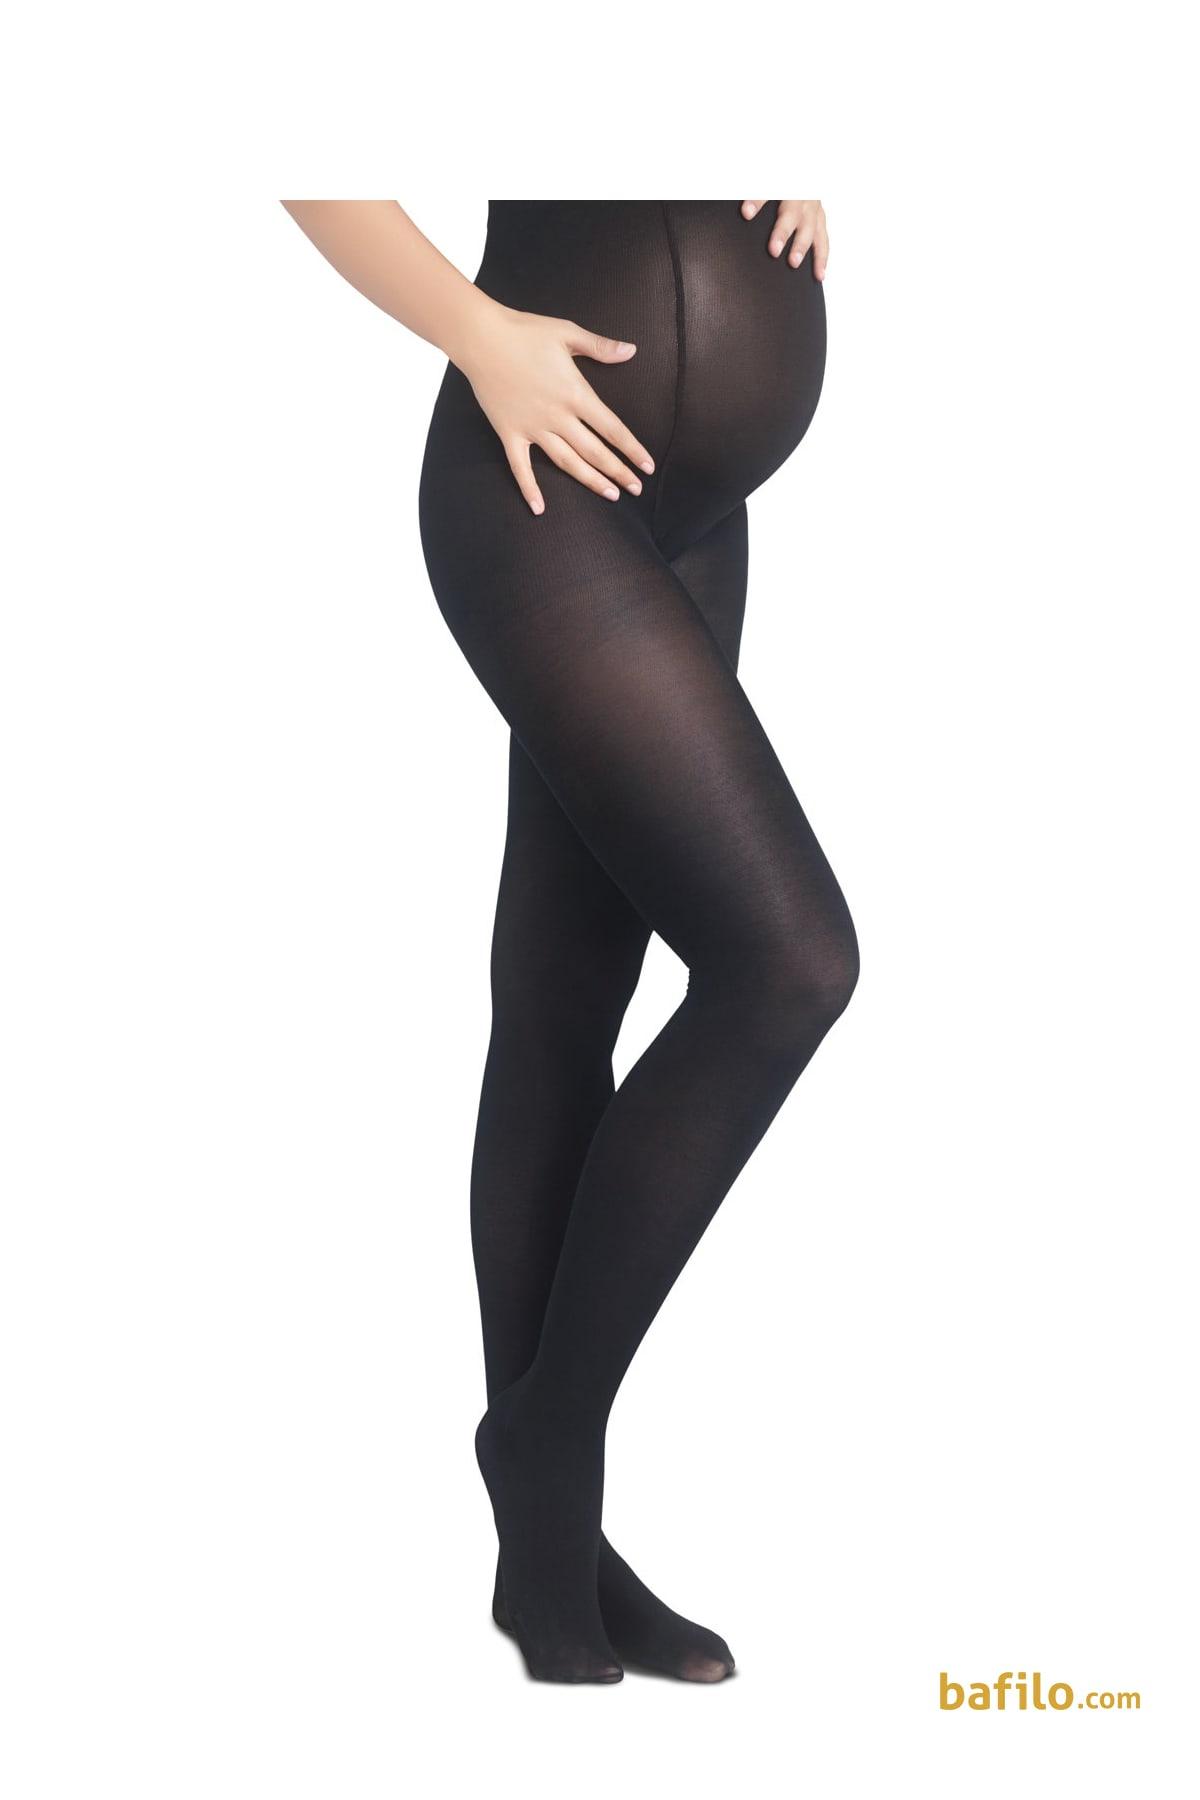 پنتی | Penti - جوراب شلواری بارداری ضخیم پنتی  Koton Hamile مشکی